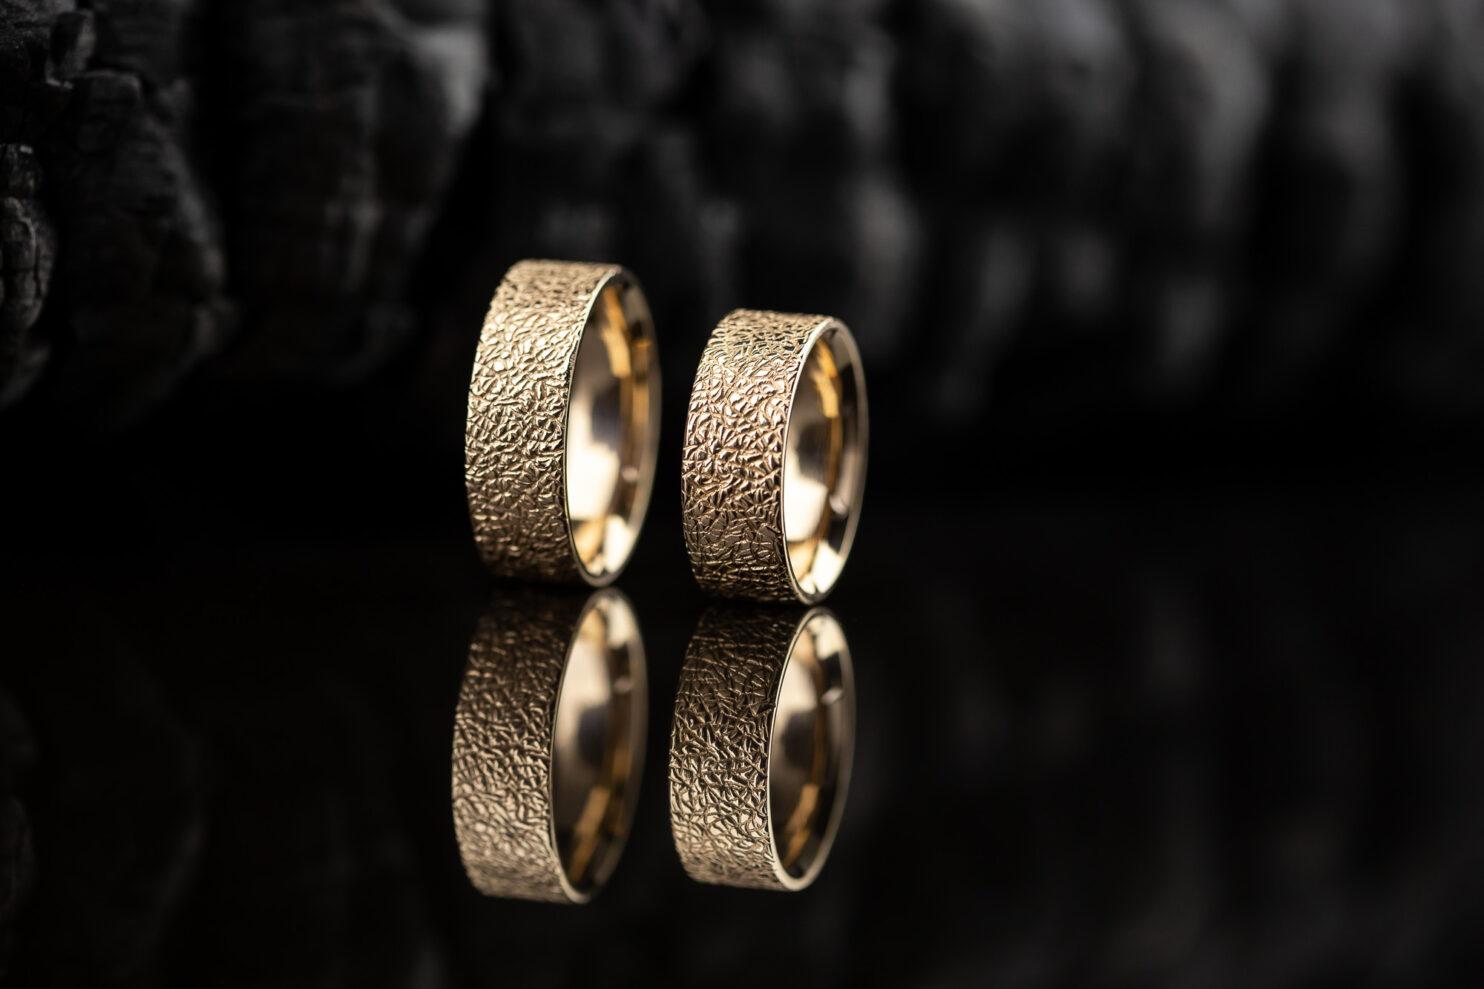 Modernūs vestuviniai žiedai iš raudono aukso